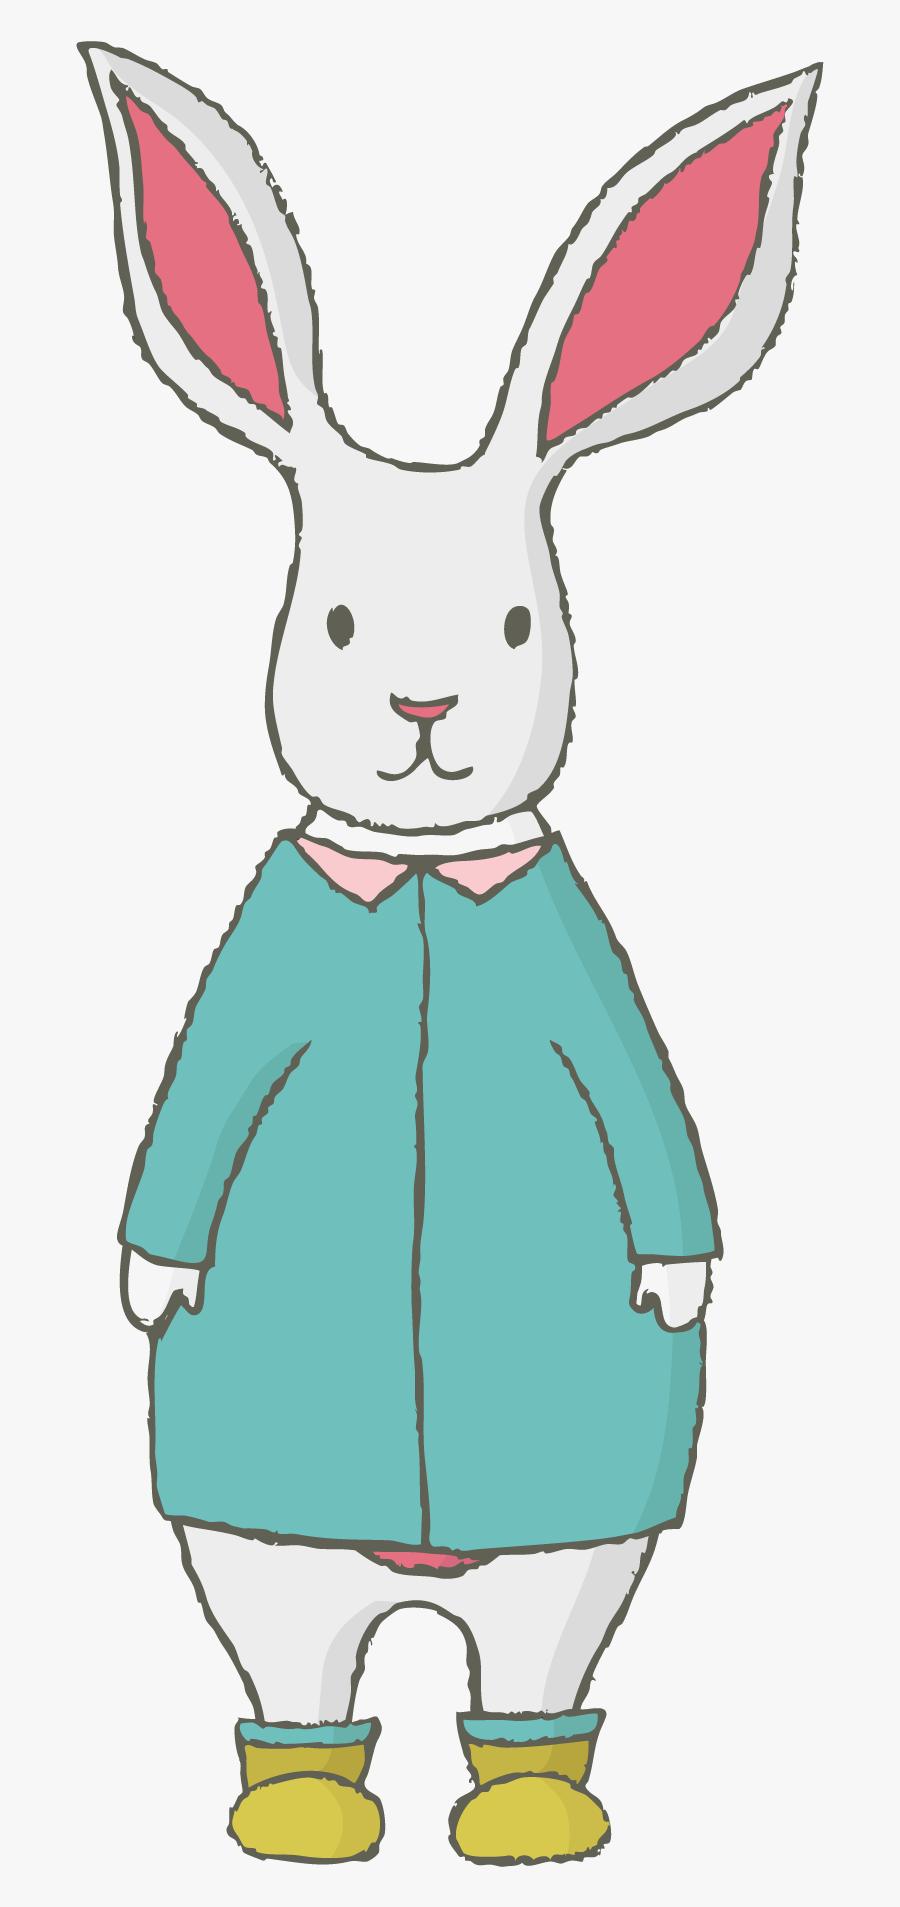 Transparent Dog Ears Clipart - Rabbit, Transparent Clipart